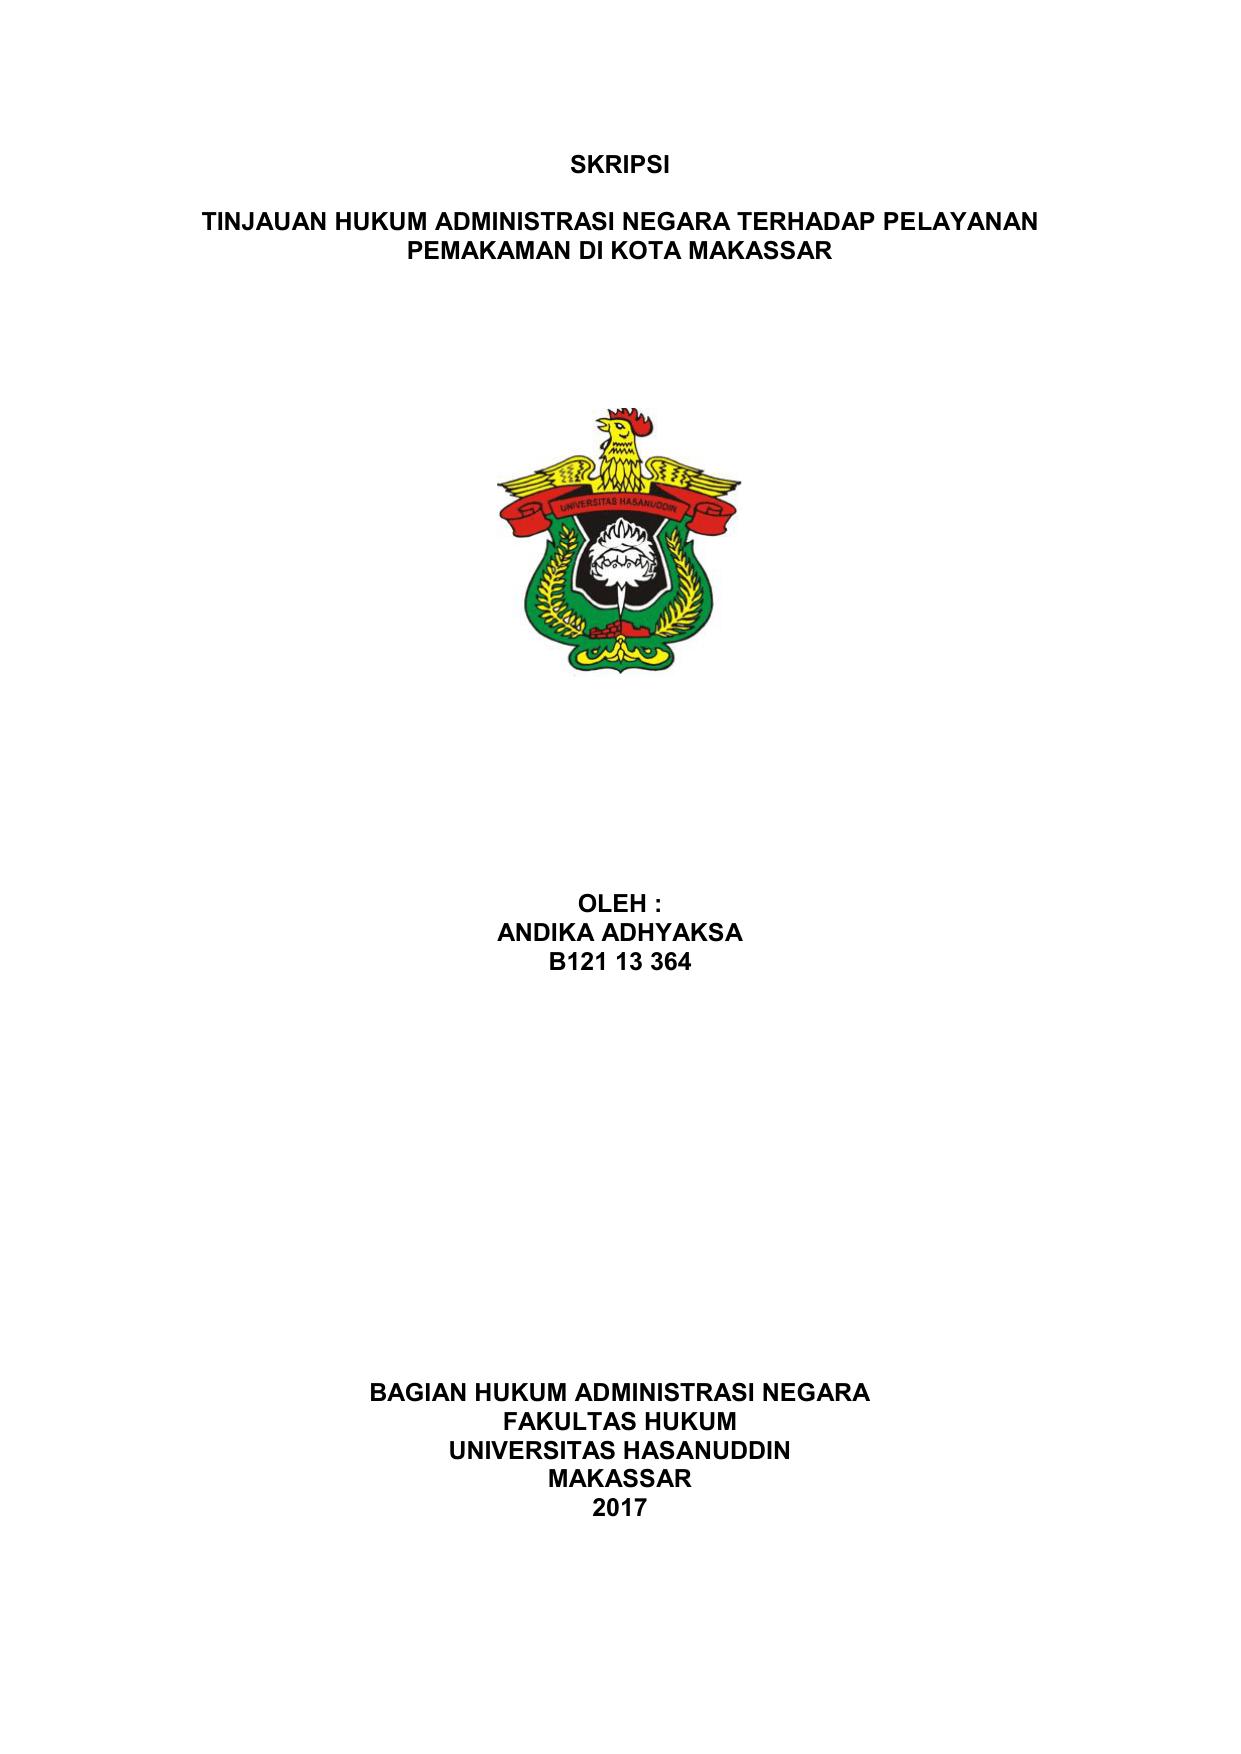 Skripsi Hukum Tata Negara Islam